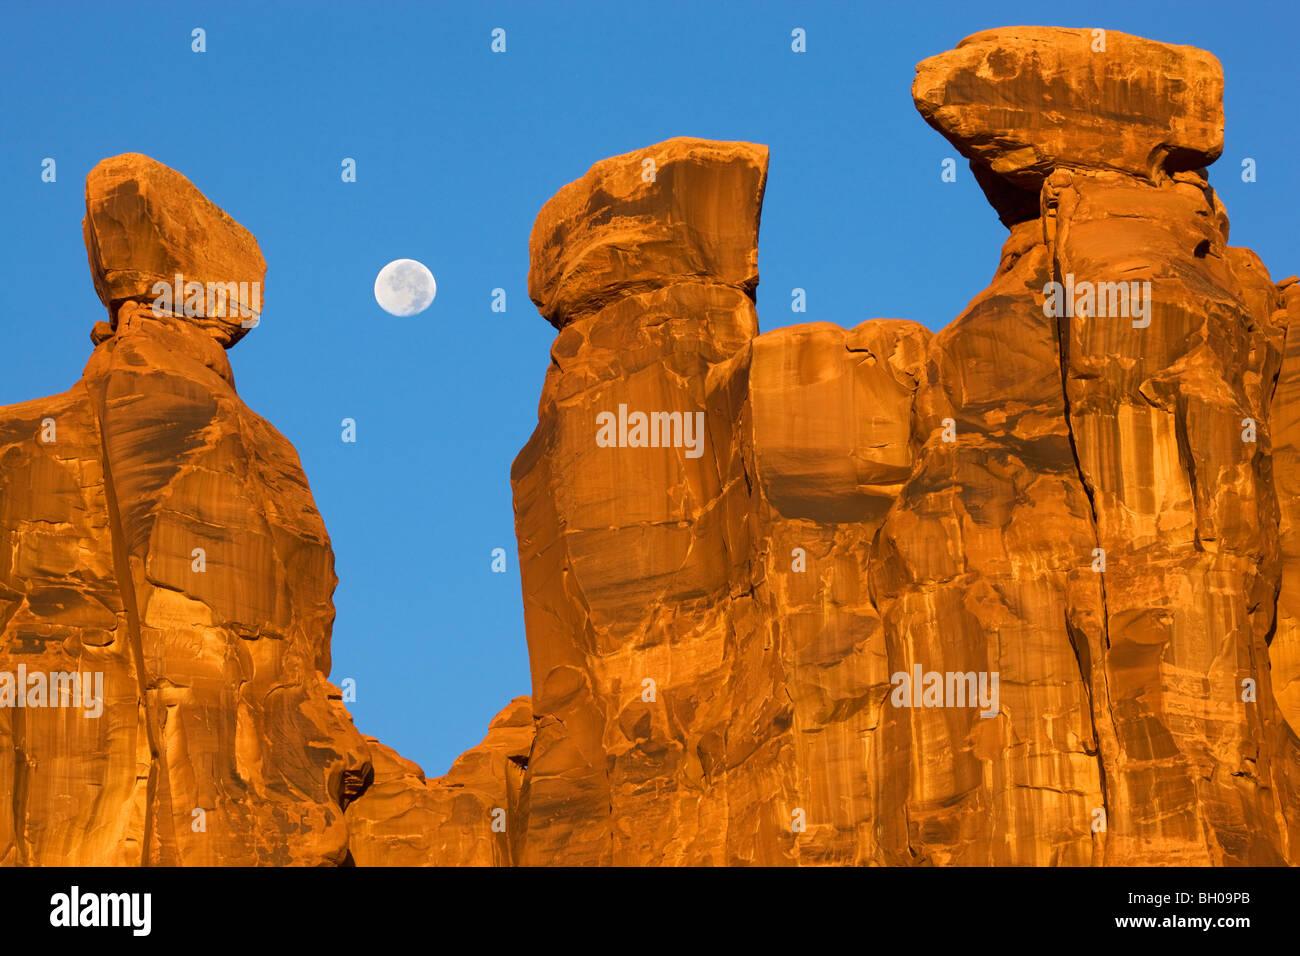 Nei pressi di luna piena insieme con i tre pettegolezzi, Arches National Park, vicino a Moab, Utah. Immagini Stock